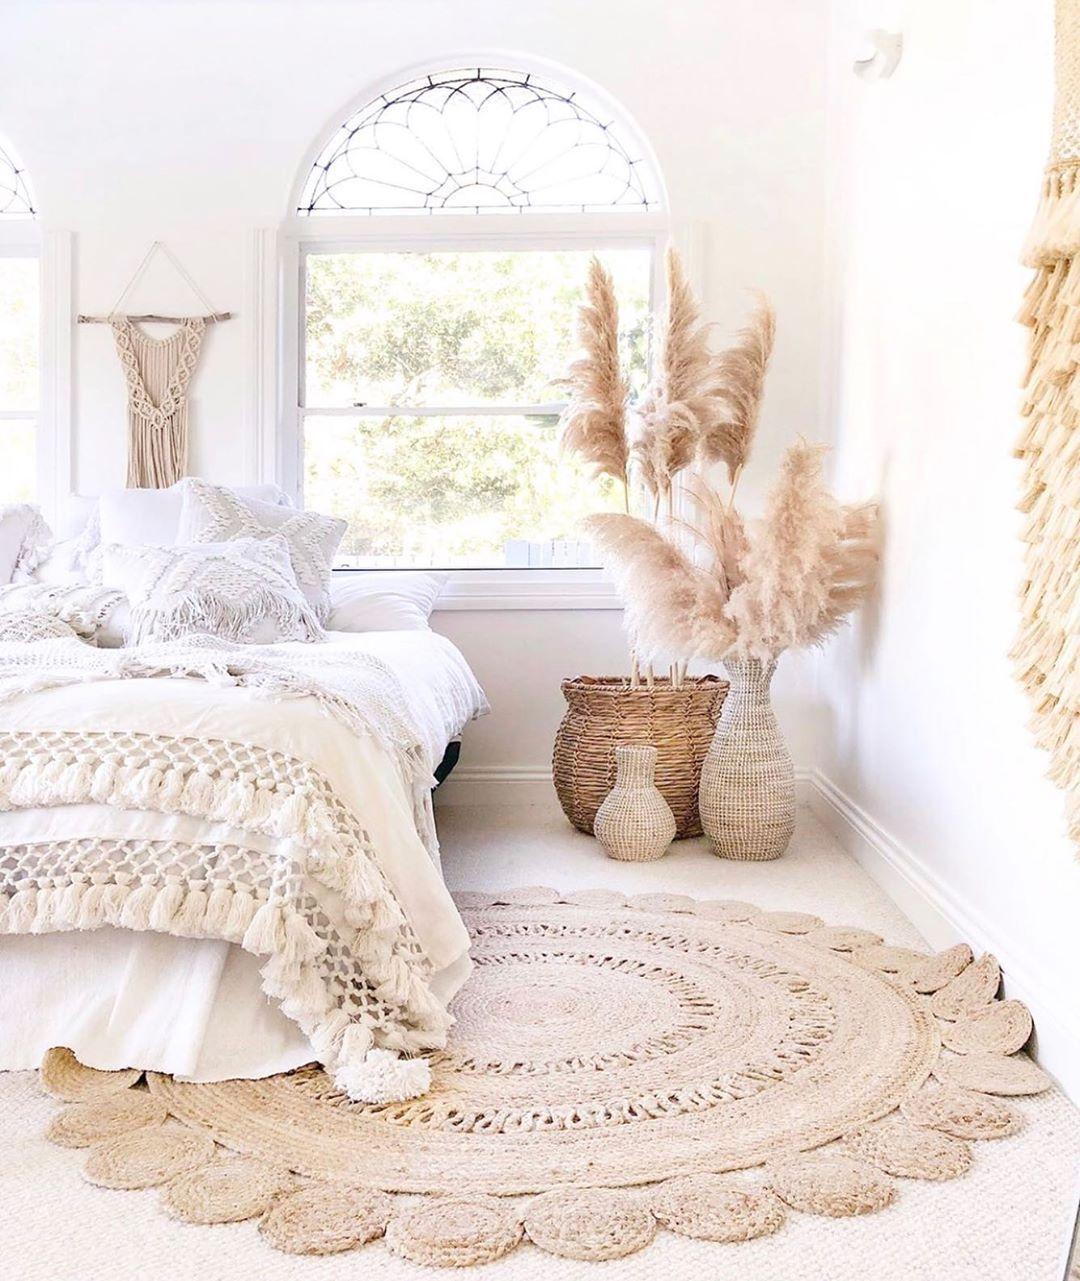 Oreiller et literie   Idée décoration chambre, Deco chambre ...